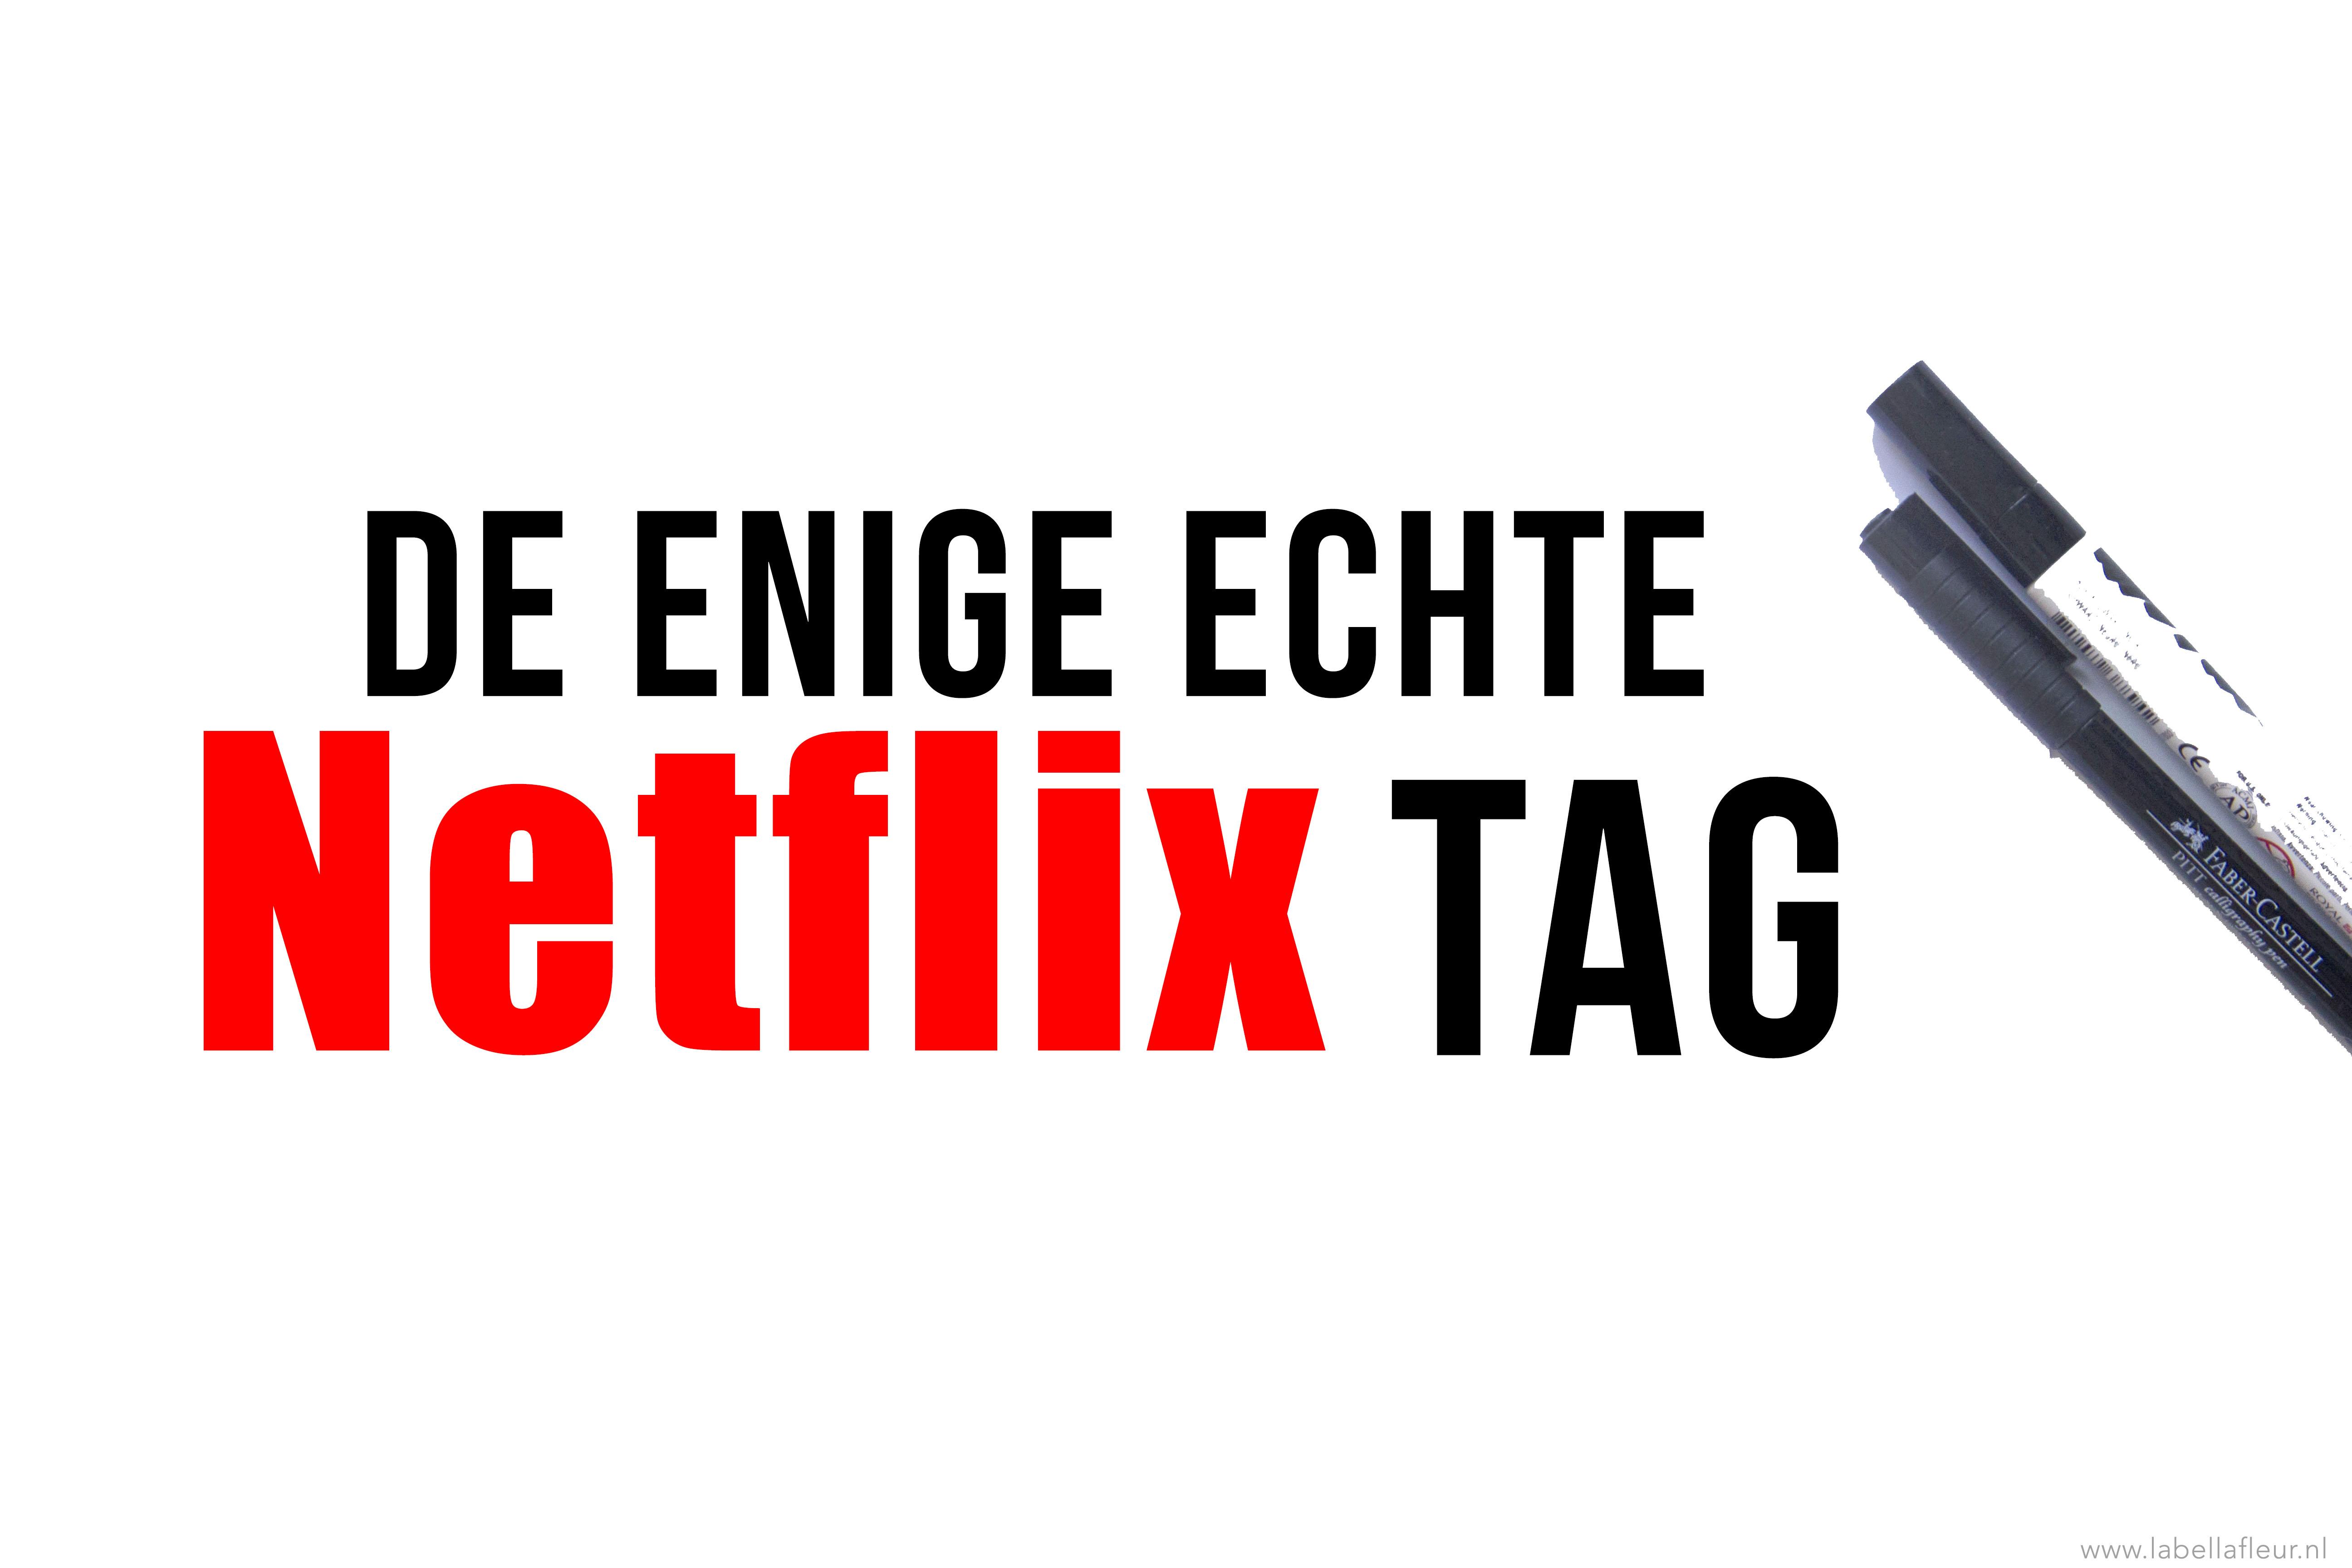 Netflix, tag, series, films